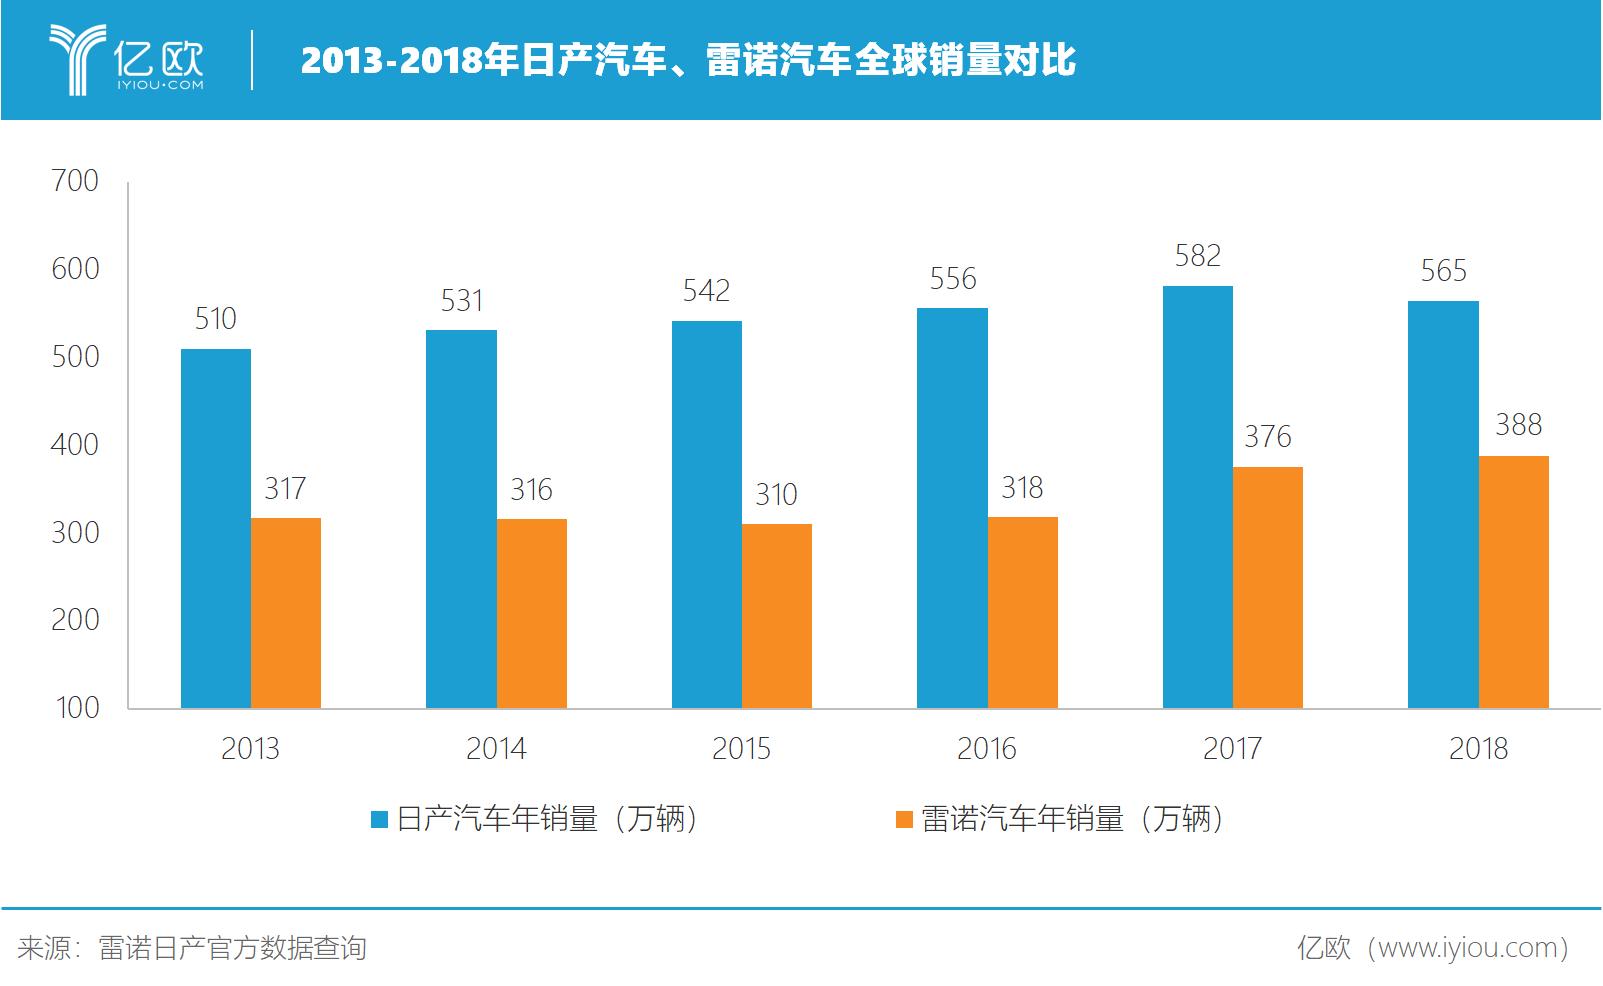 2013-2018年日产汽车、雷诺汽车全球销量对比